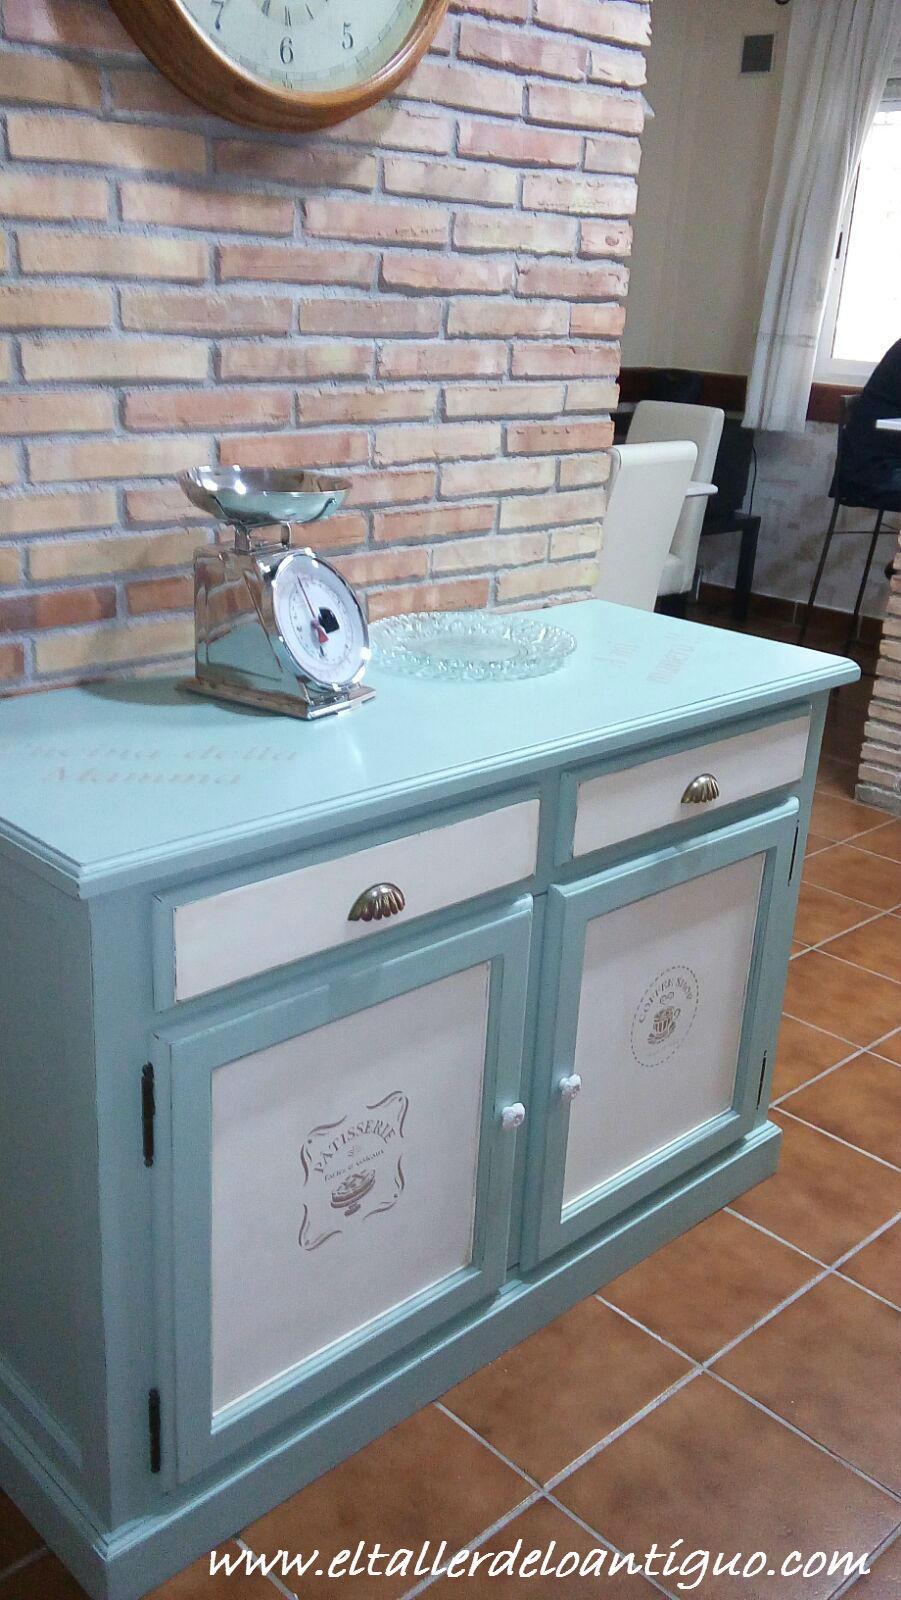 Pintar mueble de cocina el taller de lo antiguo for Pegatinas para decorar muebles